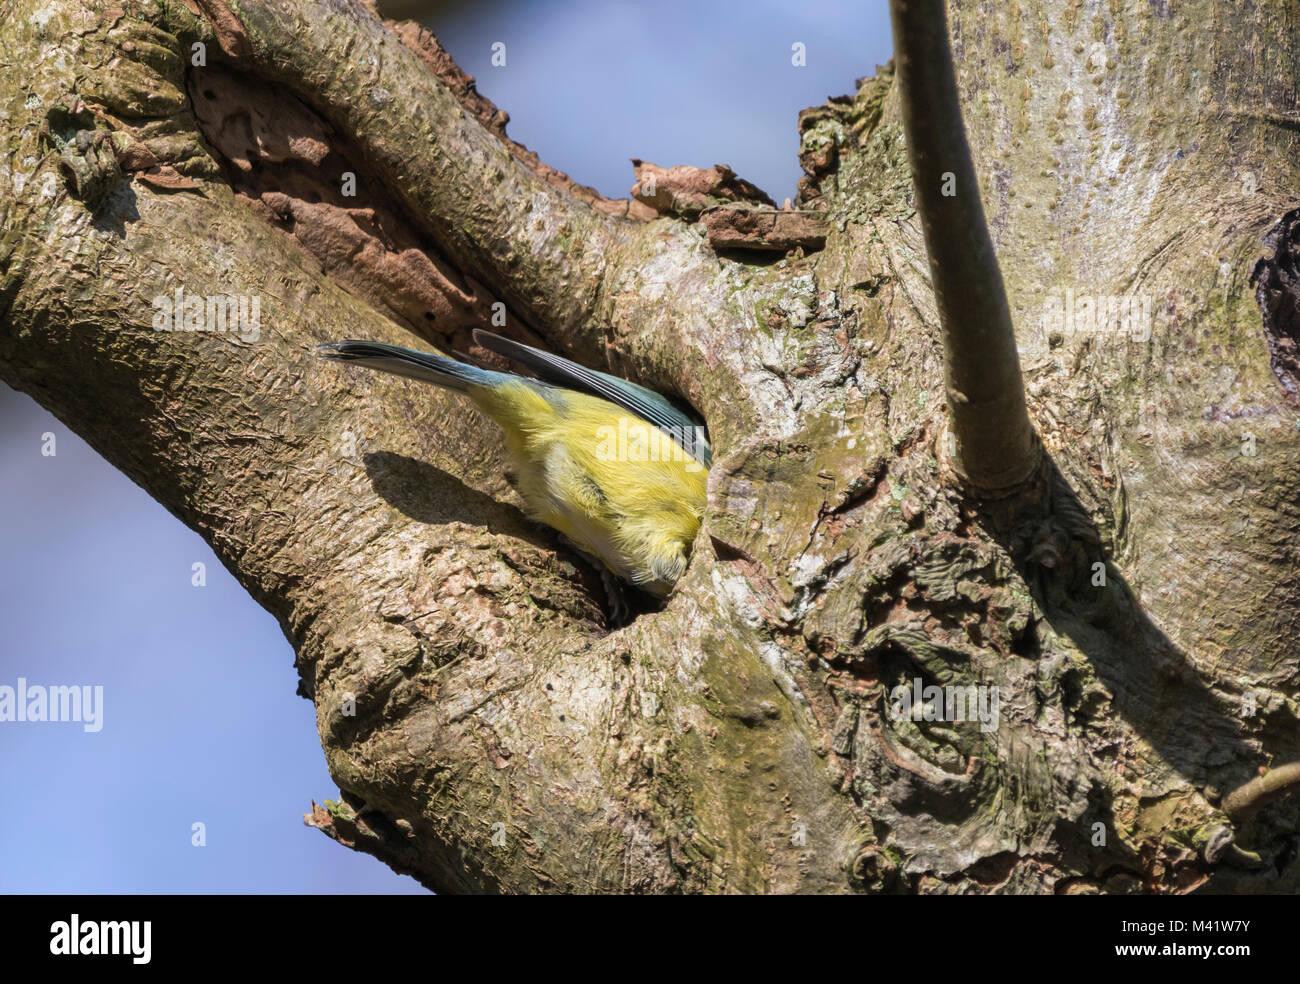 eurasian-blue-tit-bird-cyanistes-caeruleus-looking-for-food-in-a-tree-M41W7Y.jpg